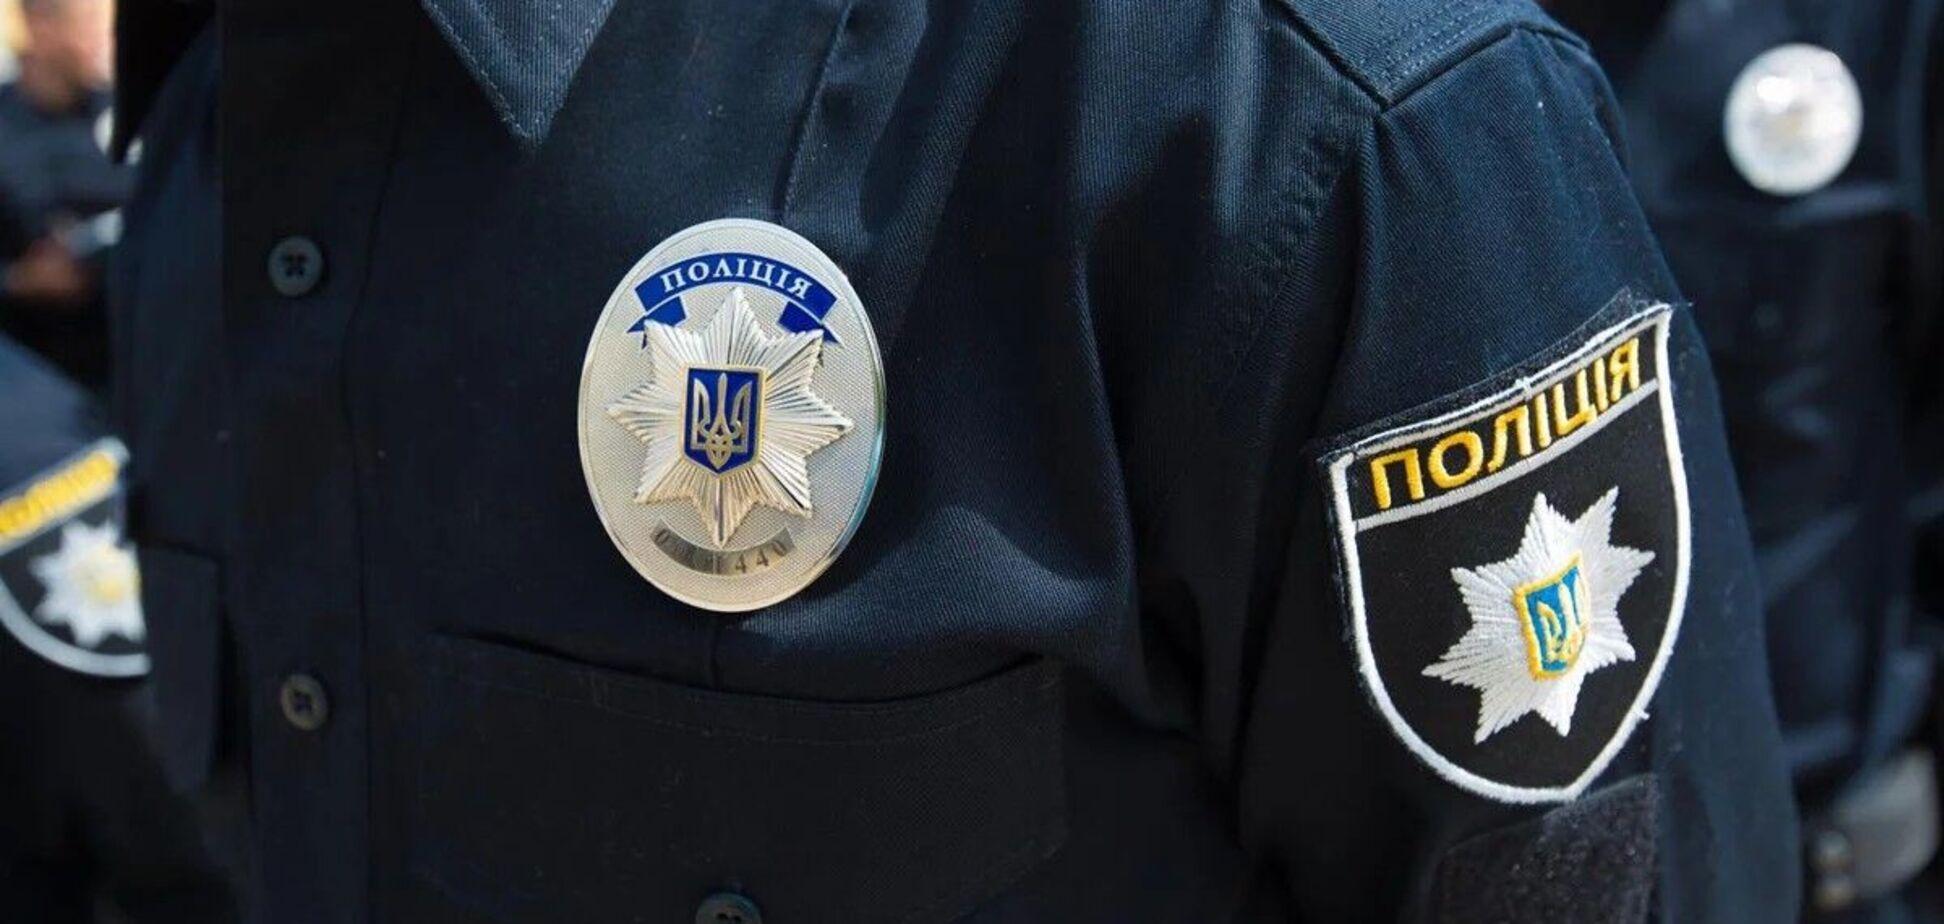 Поліція повідомила про підозру підприємцю, який напав на журналістів. Фото: UA News